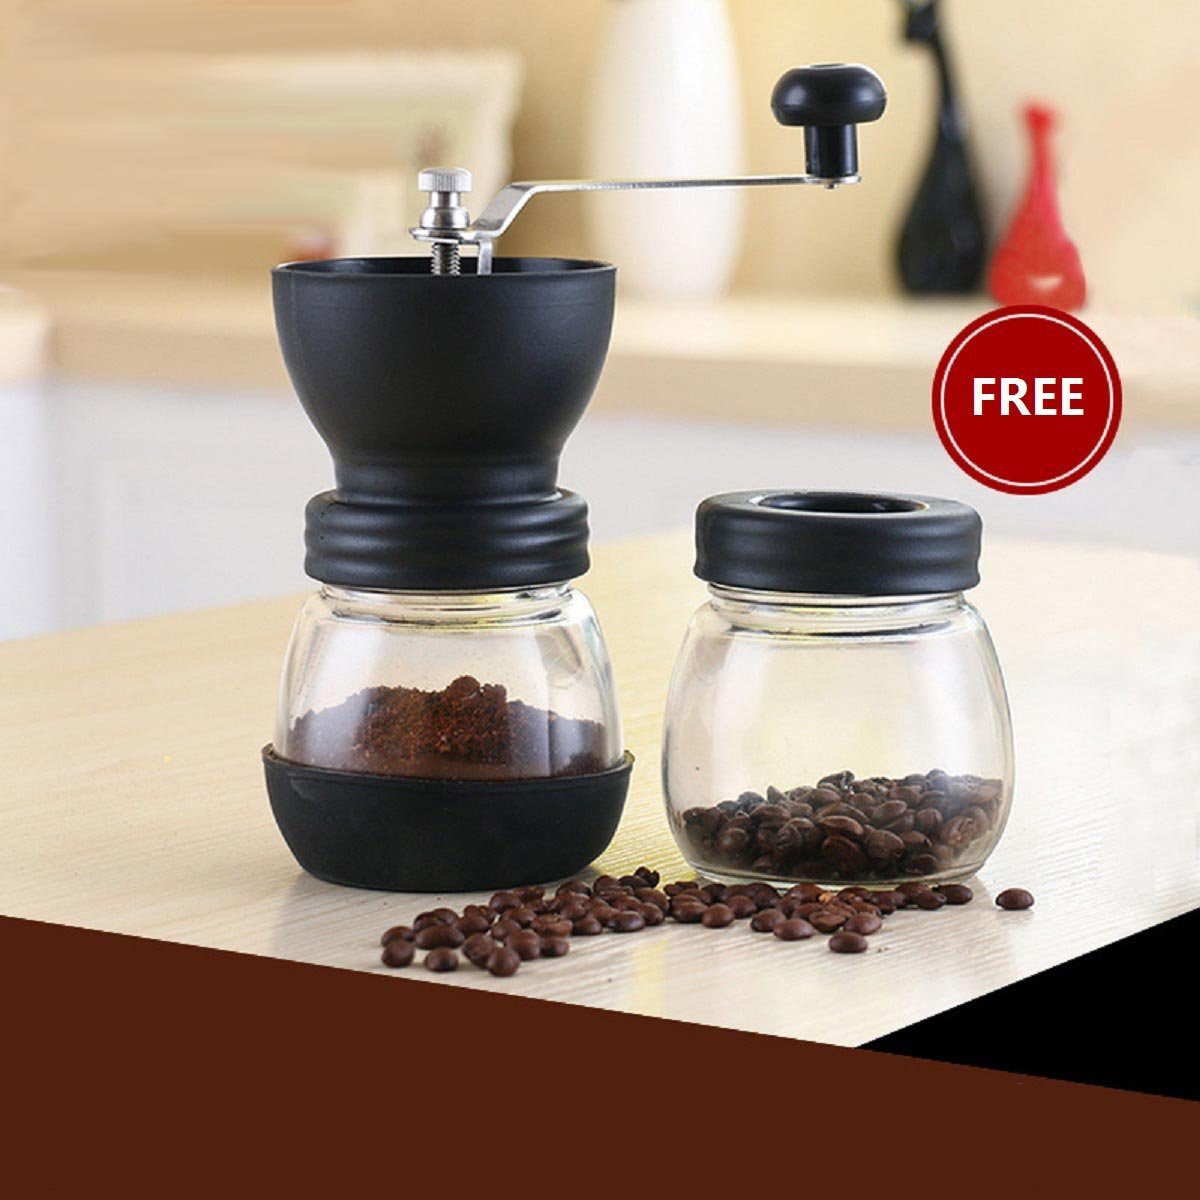 Yüksek kaliteli cam manuel kahve değirmeni depolama kavanoz ile yumuşak fırça konik seramik çapak sessiz ve taşınabilir